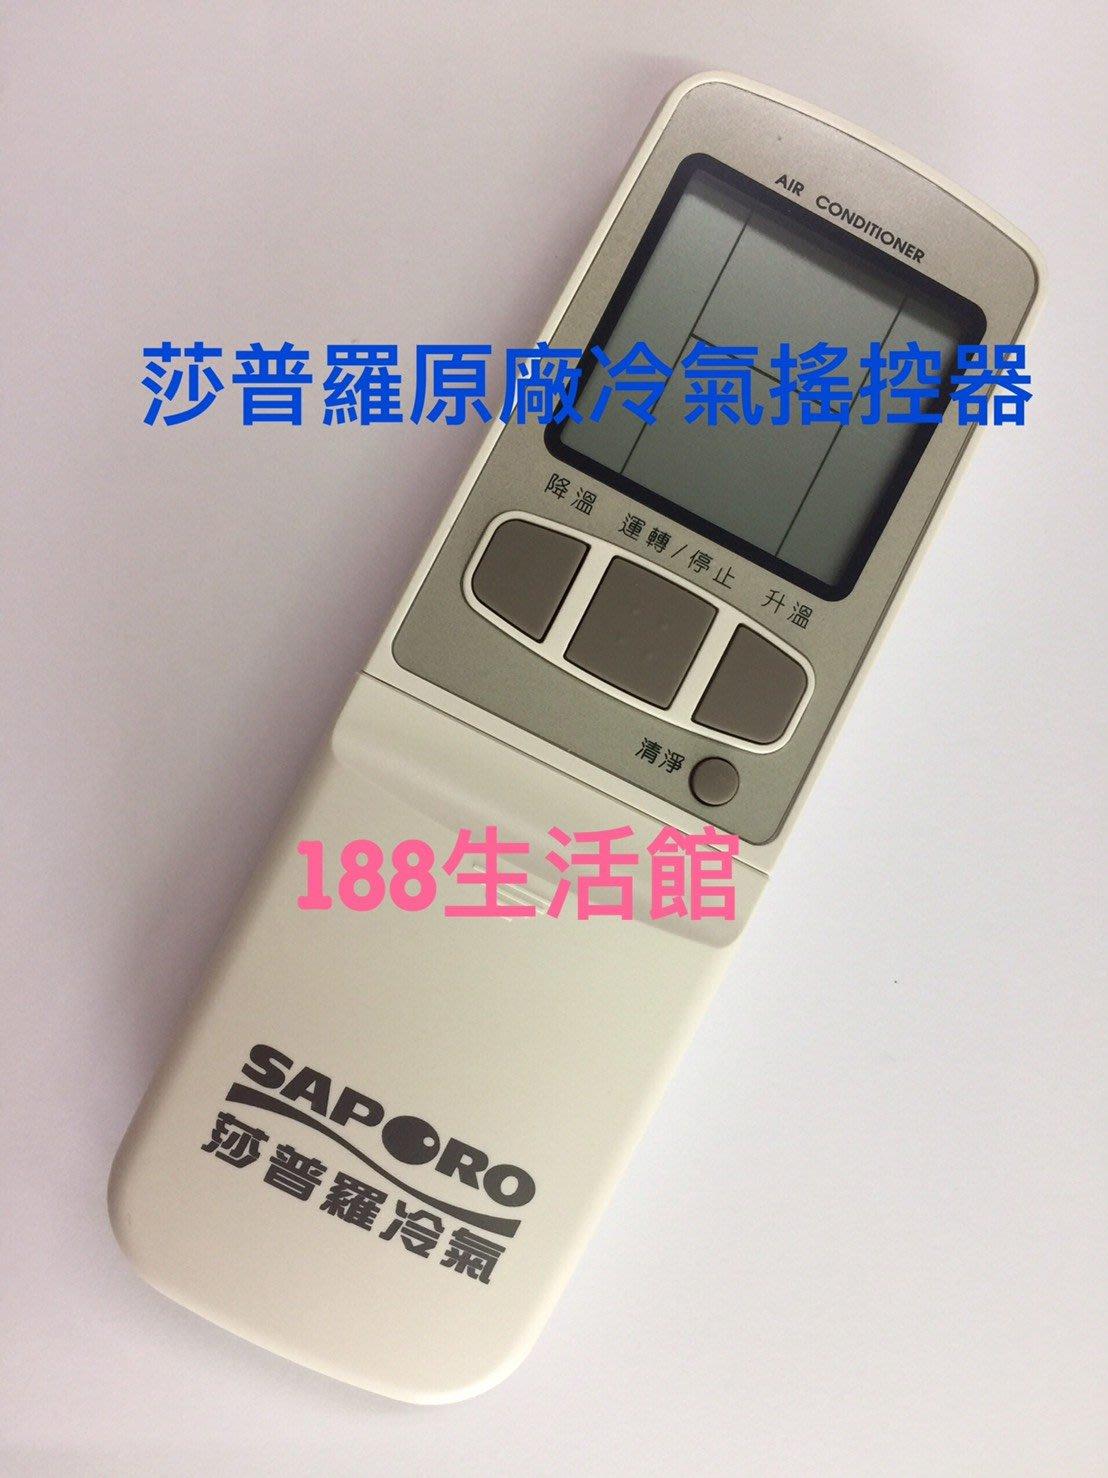 【188生活館】SAPORO 莎普羅 冷氣原廠遙控器  滑蓋式遙控器